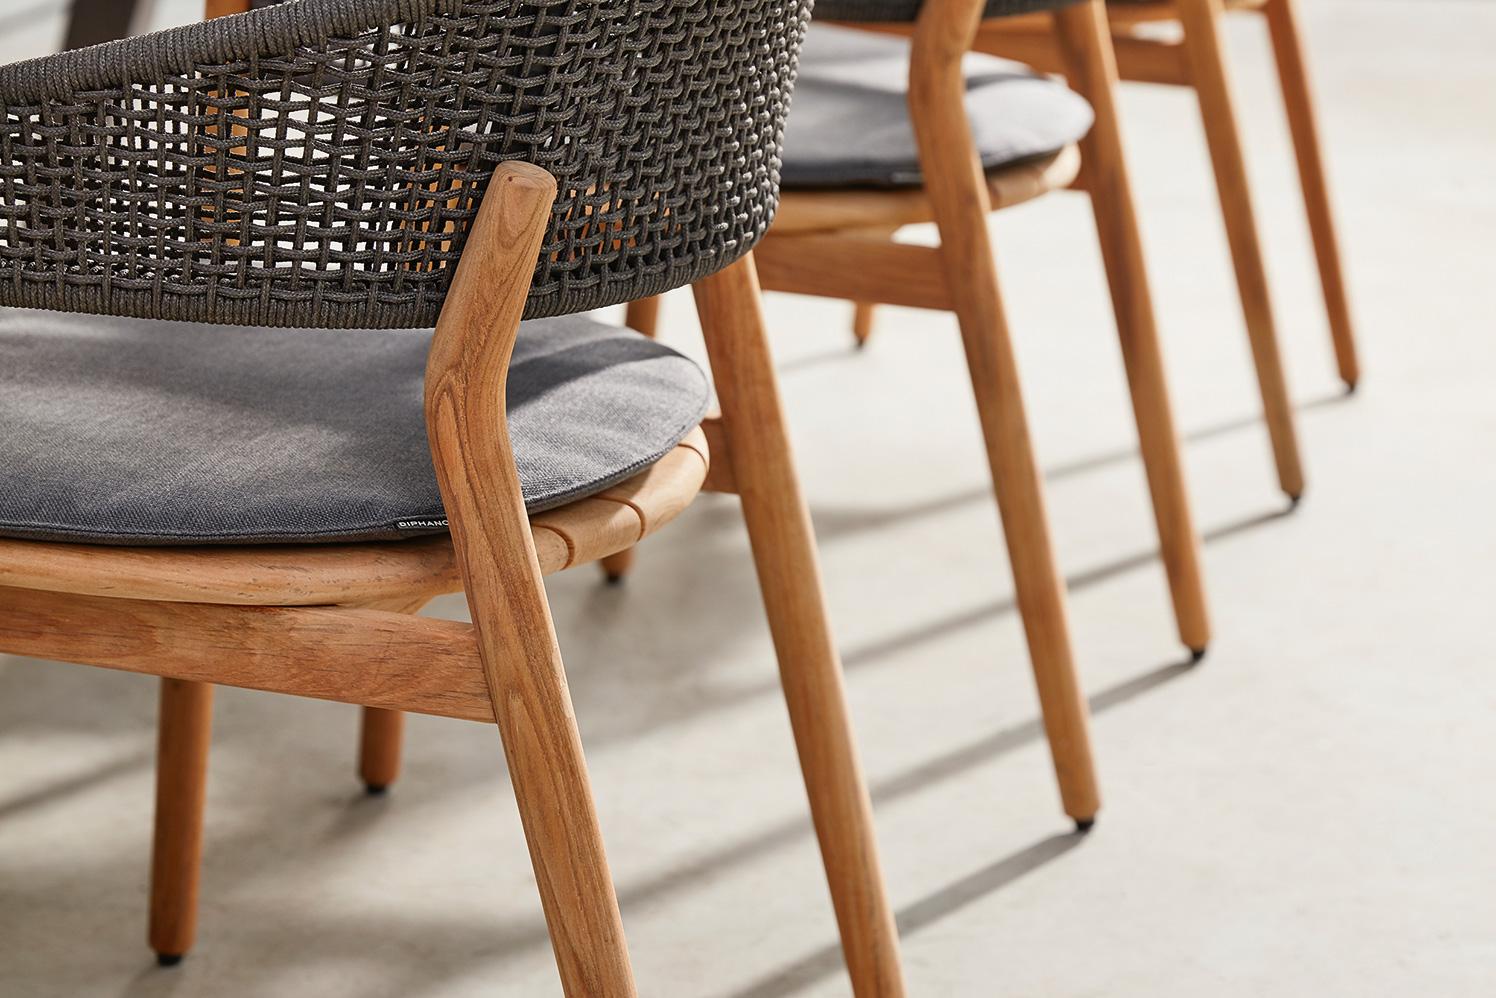 Gartenmöbel aus Teak Holz